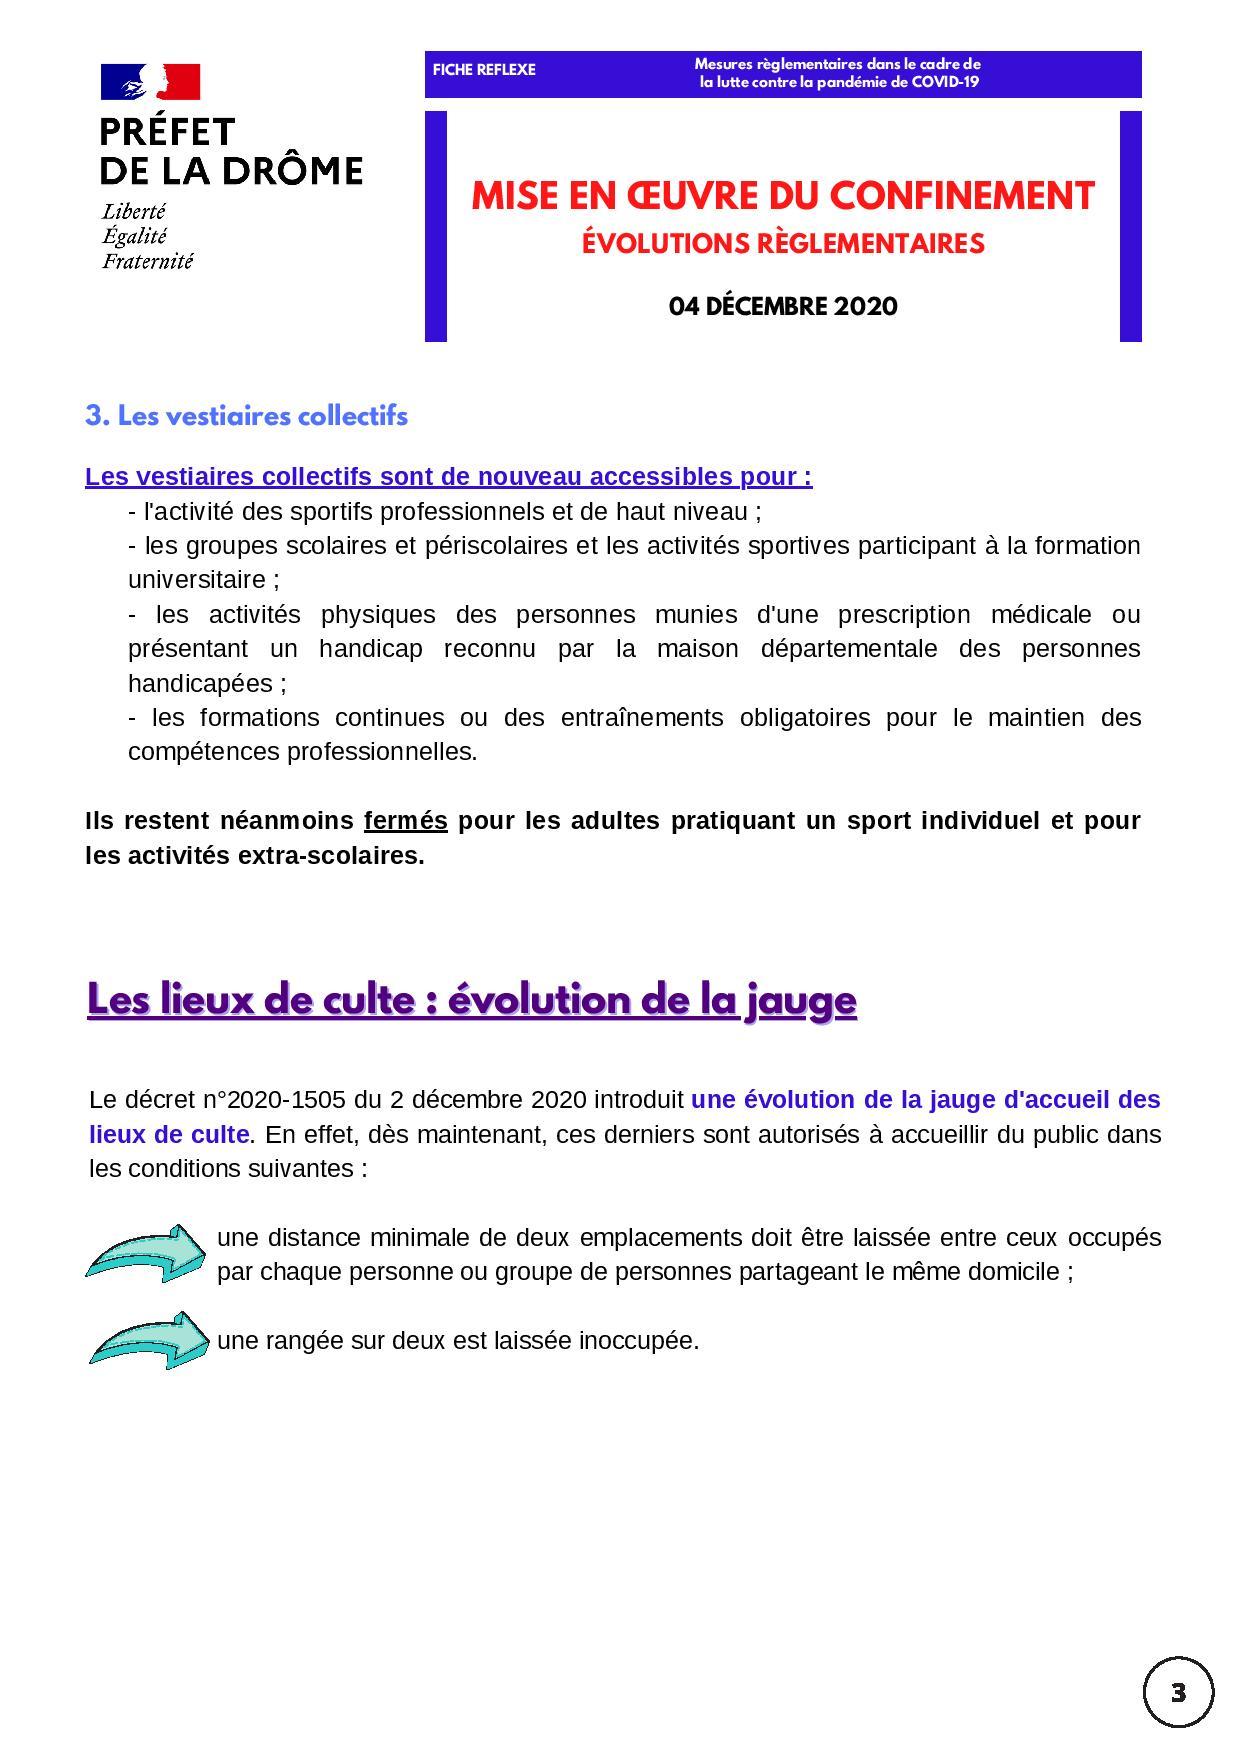 Fiche réflexe du 04 decembre 2020-2-page-003.jpg